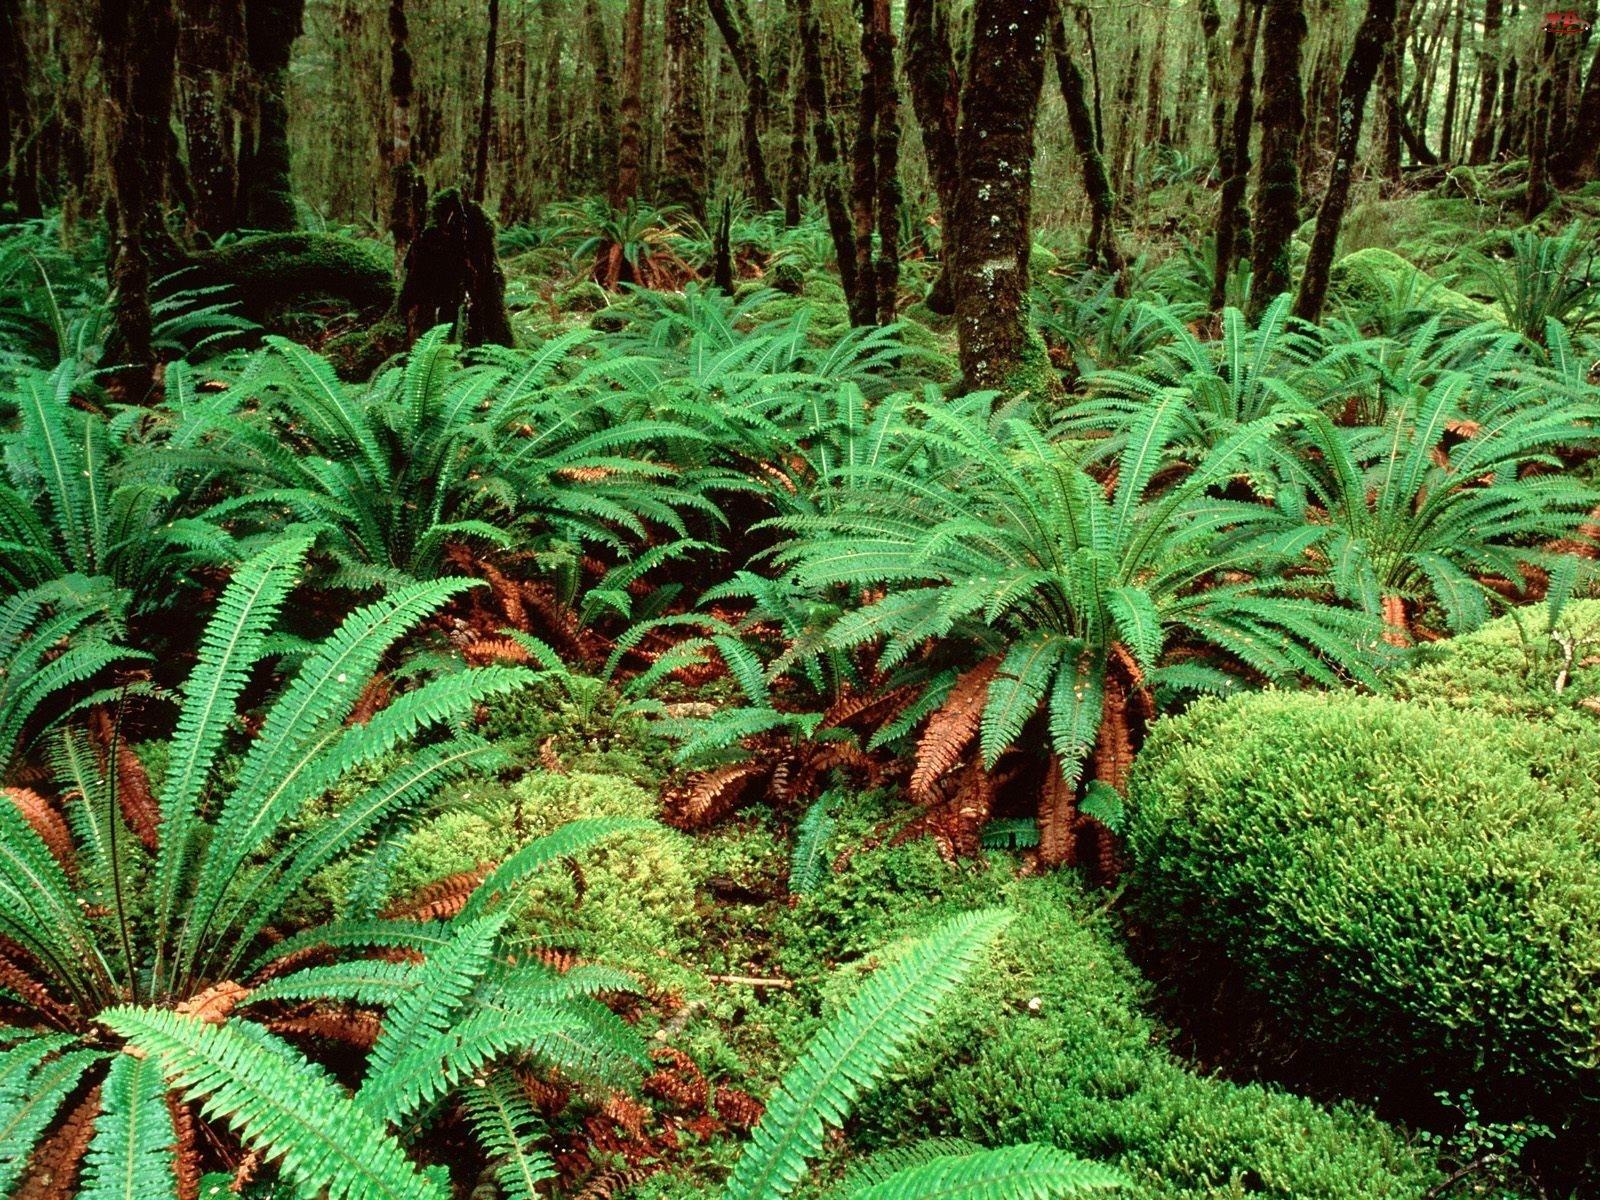 Nowa Zelandia, Krzewy, Zielone, Drzewa